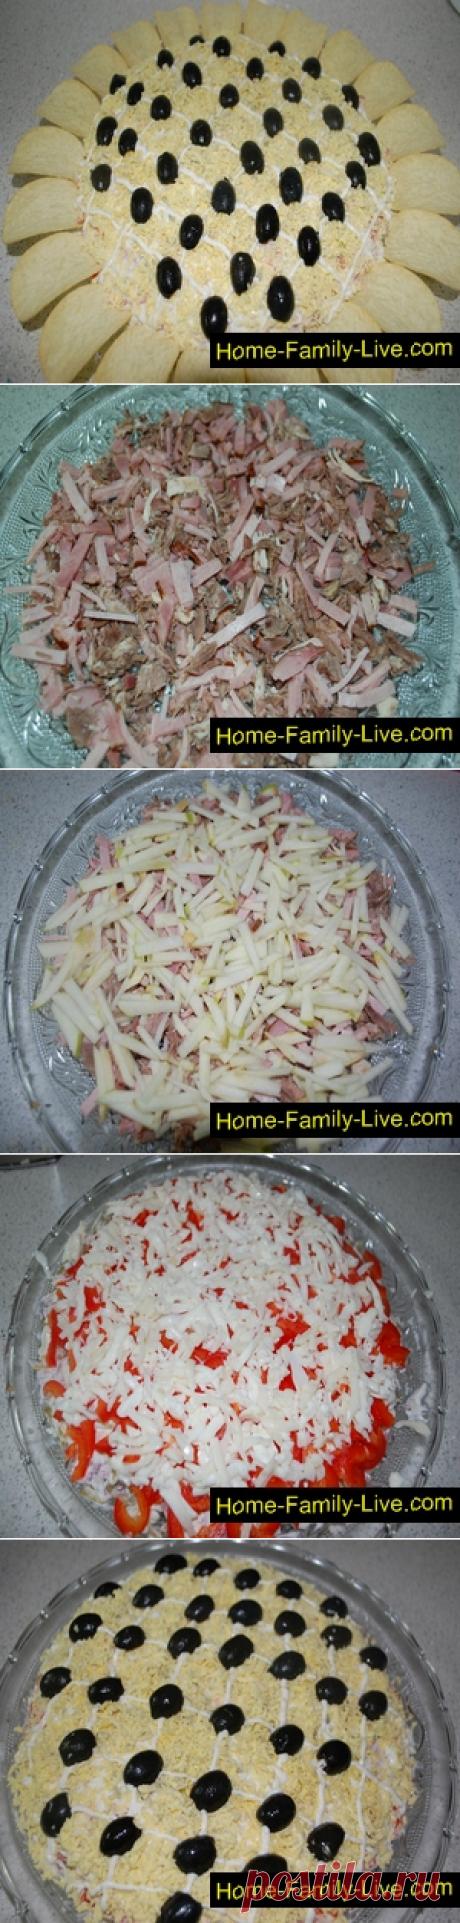 Салат Подсолнух/Сайт с пошаговыми рецептами с фото для тех кто любит готовить